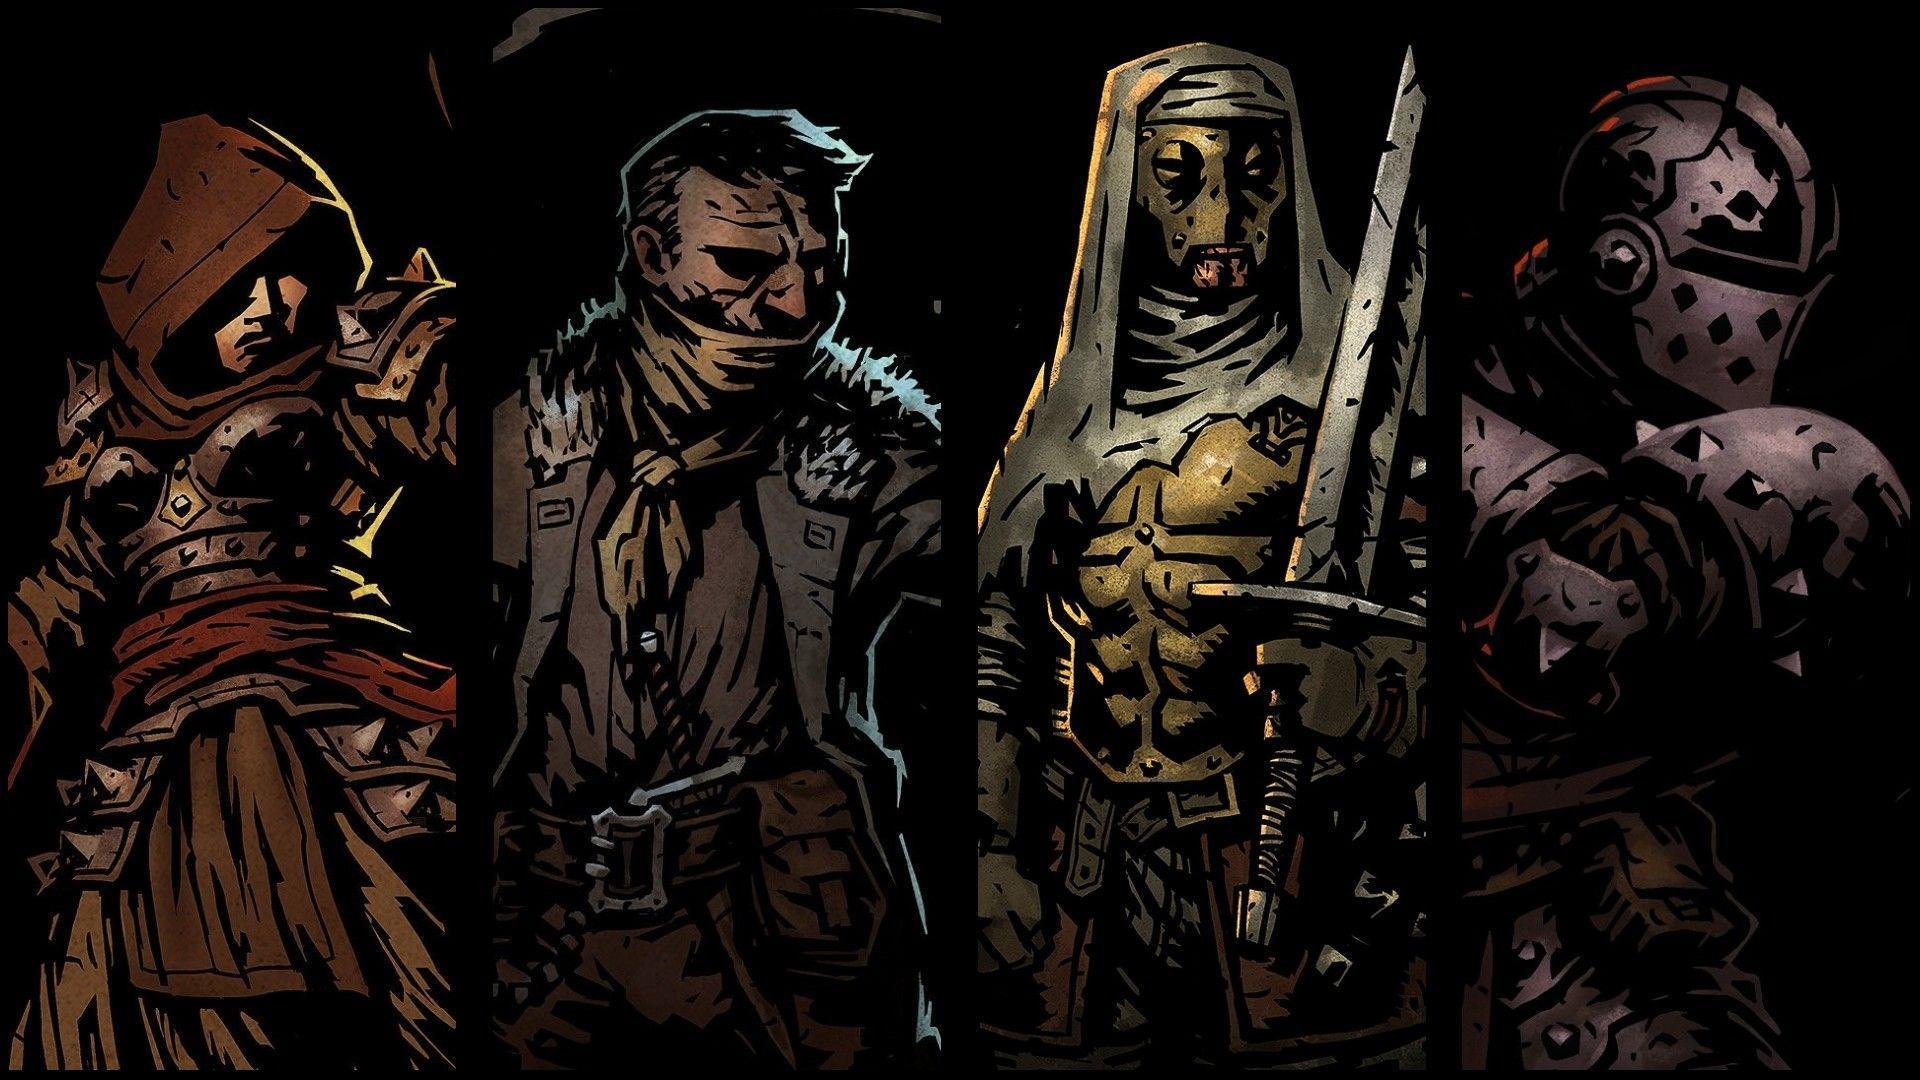 Darkest Dungeon Wallpapers - Top Free Darkest Dungeon ...